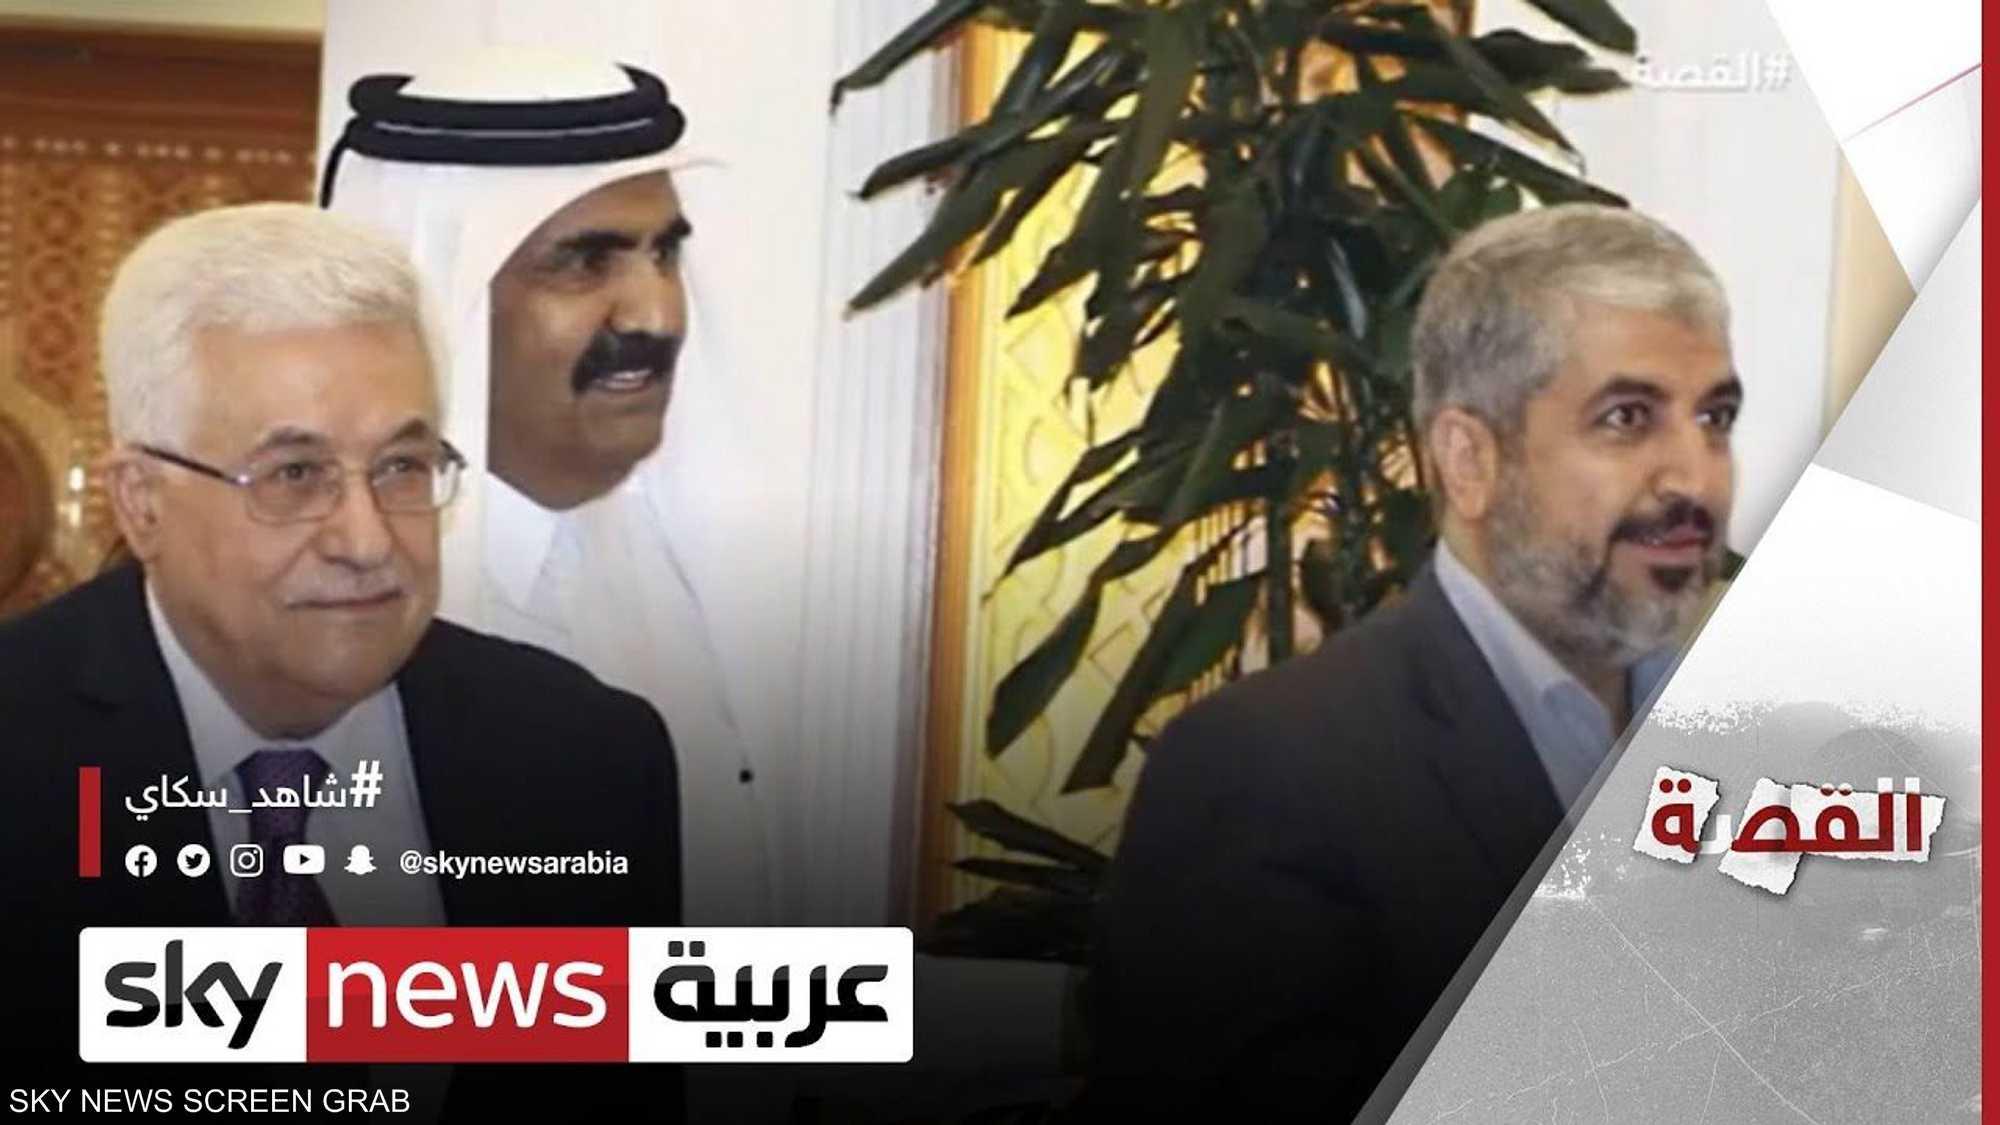 كيف تاجرت قطر بالقضية الفلسطينية؟